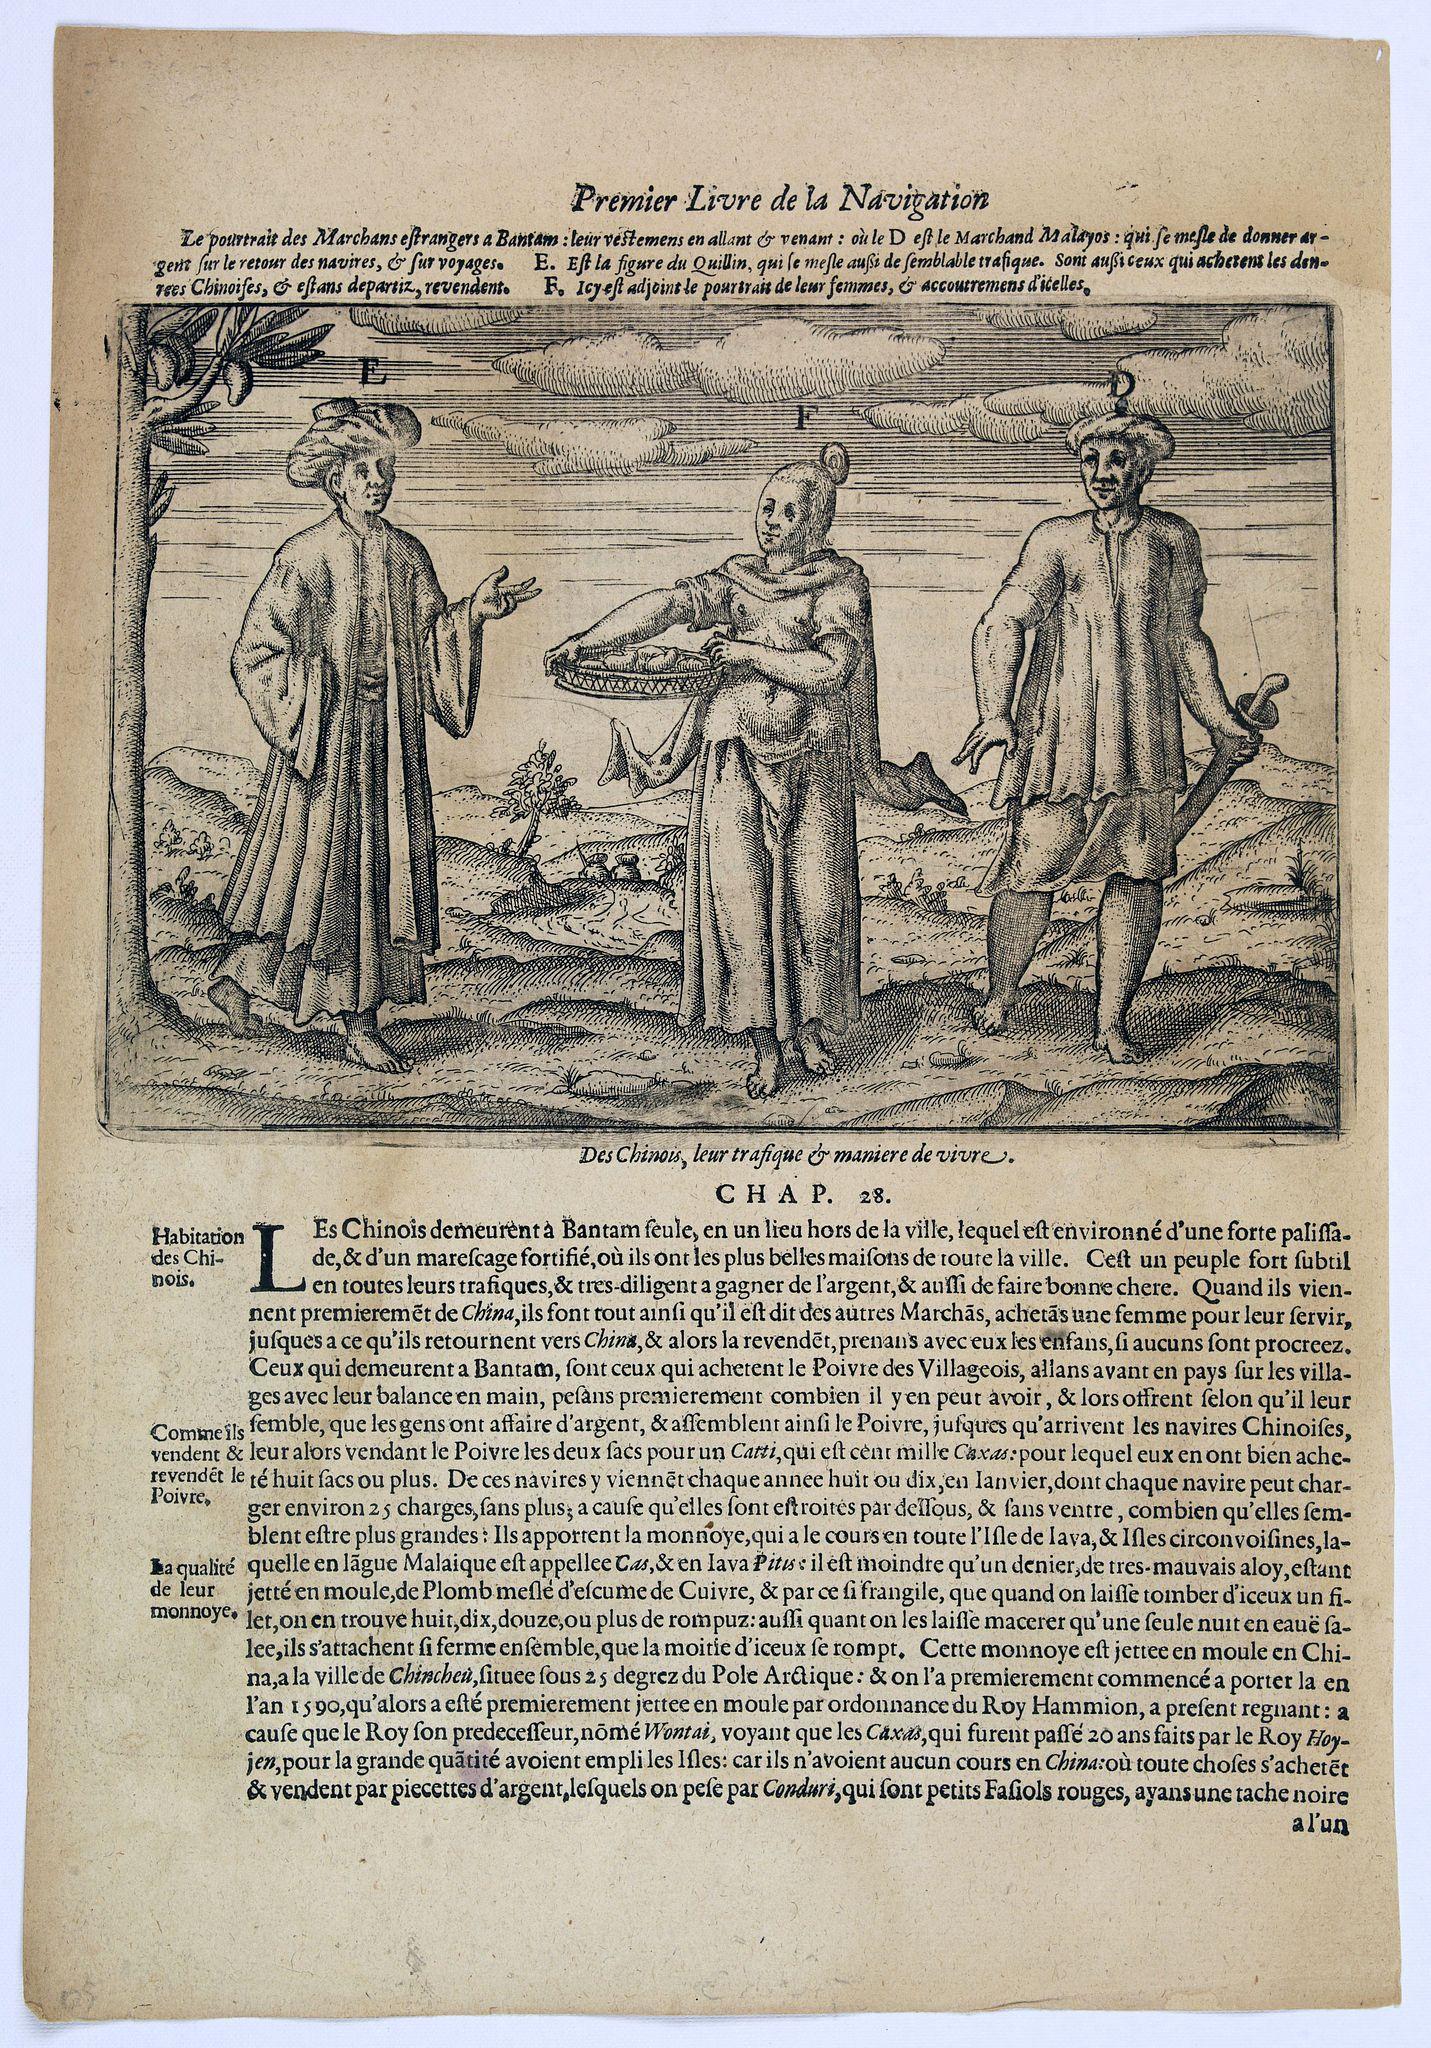 LODEWYCKSZ, Willem -  [Foreign Merchants at Bantam].